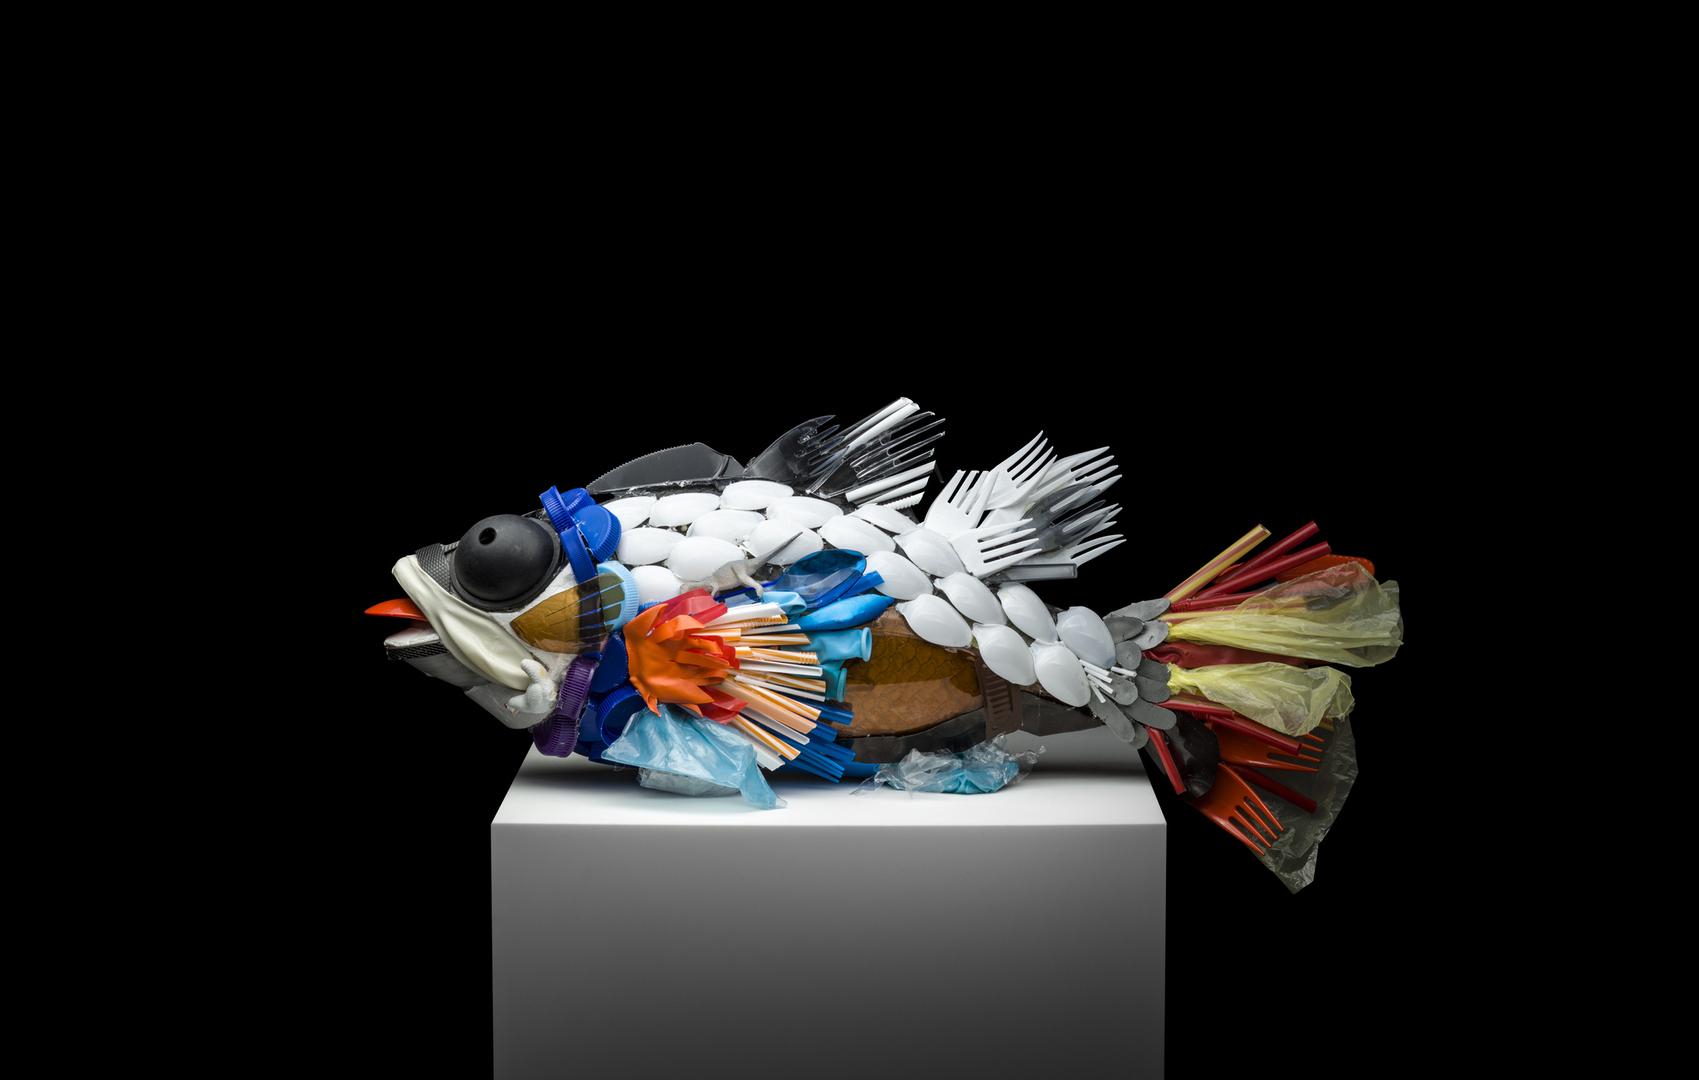 العلماء ينتجون بلاستيكا قابلا للتحلل الحيوي مصنوعا من بقايا الأسماك